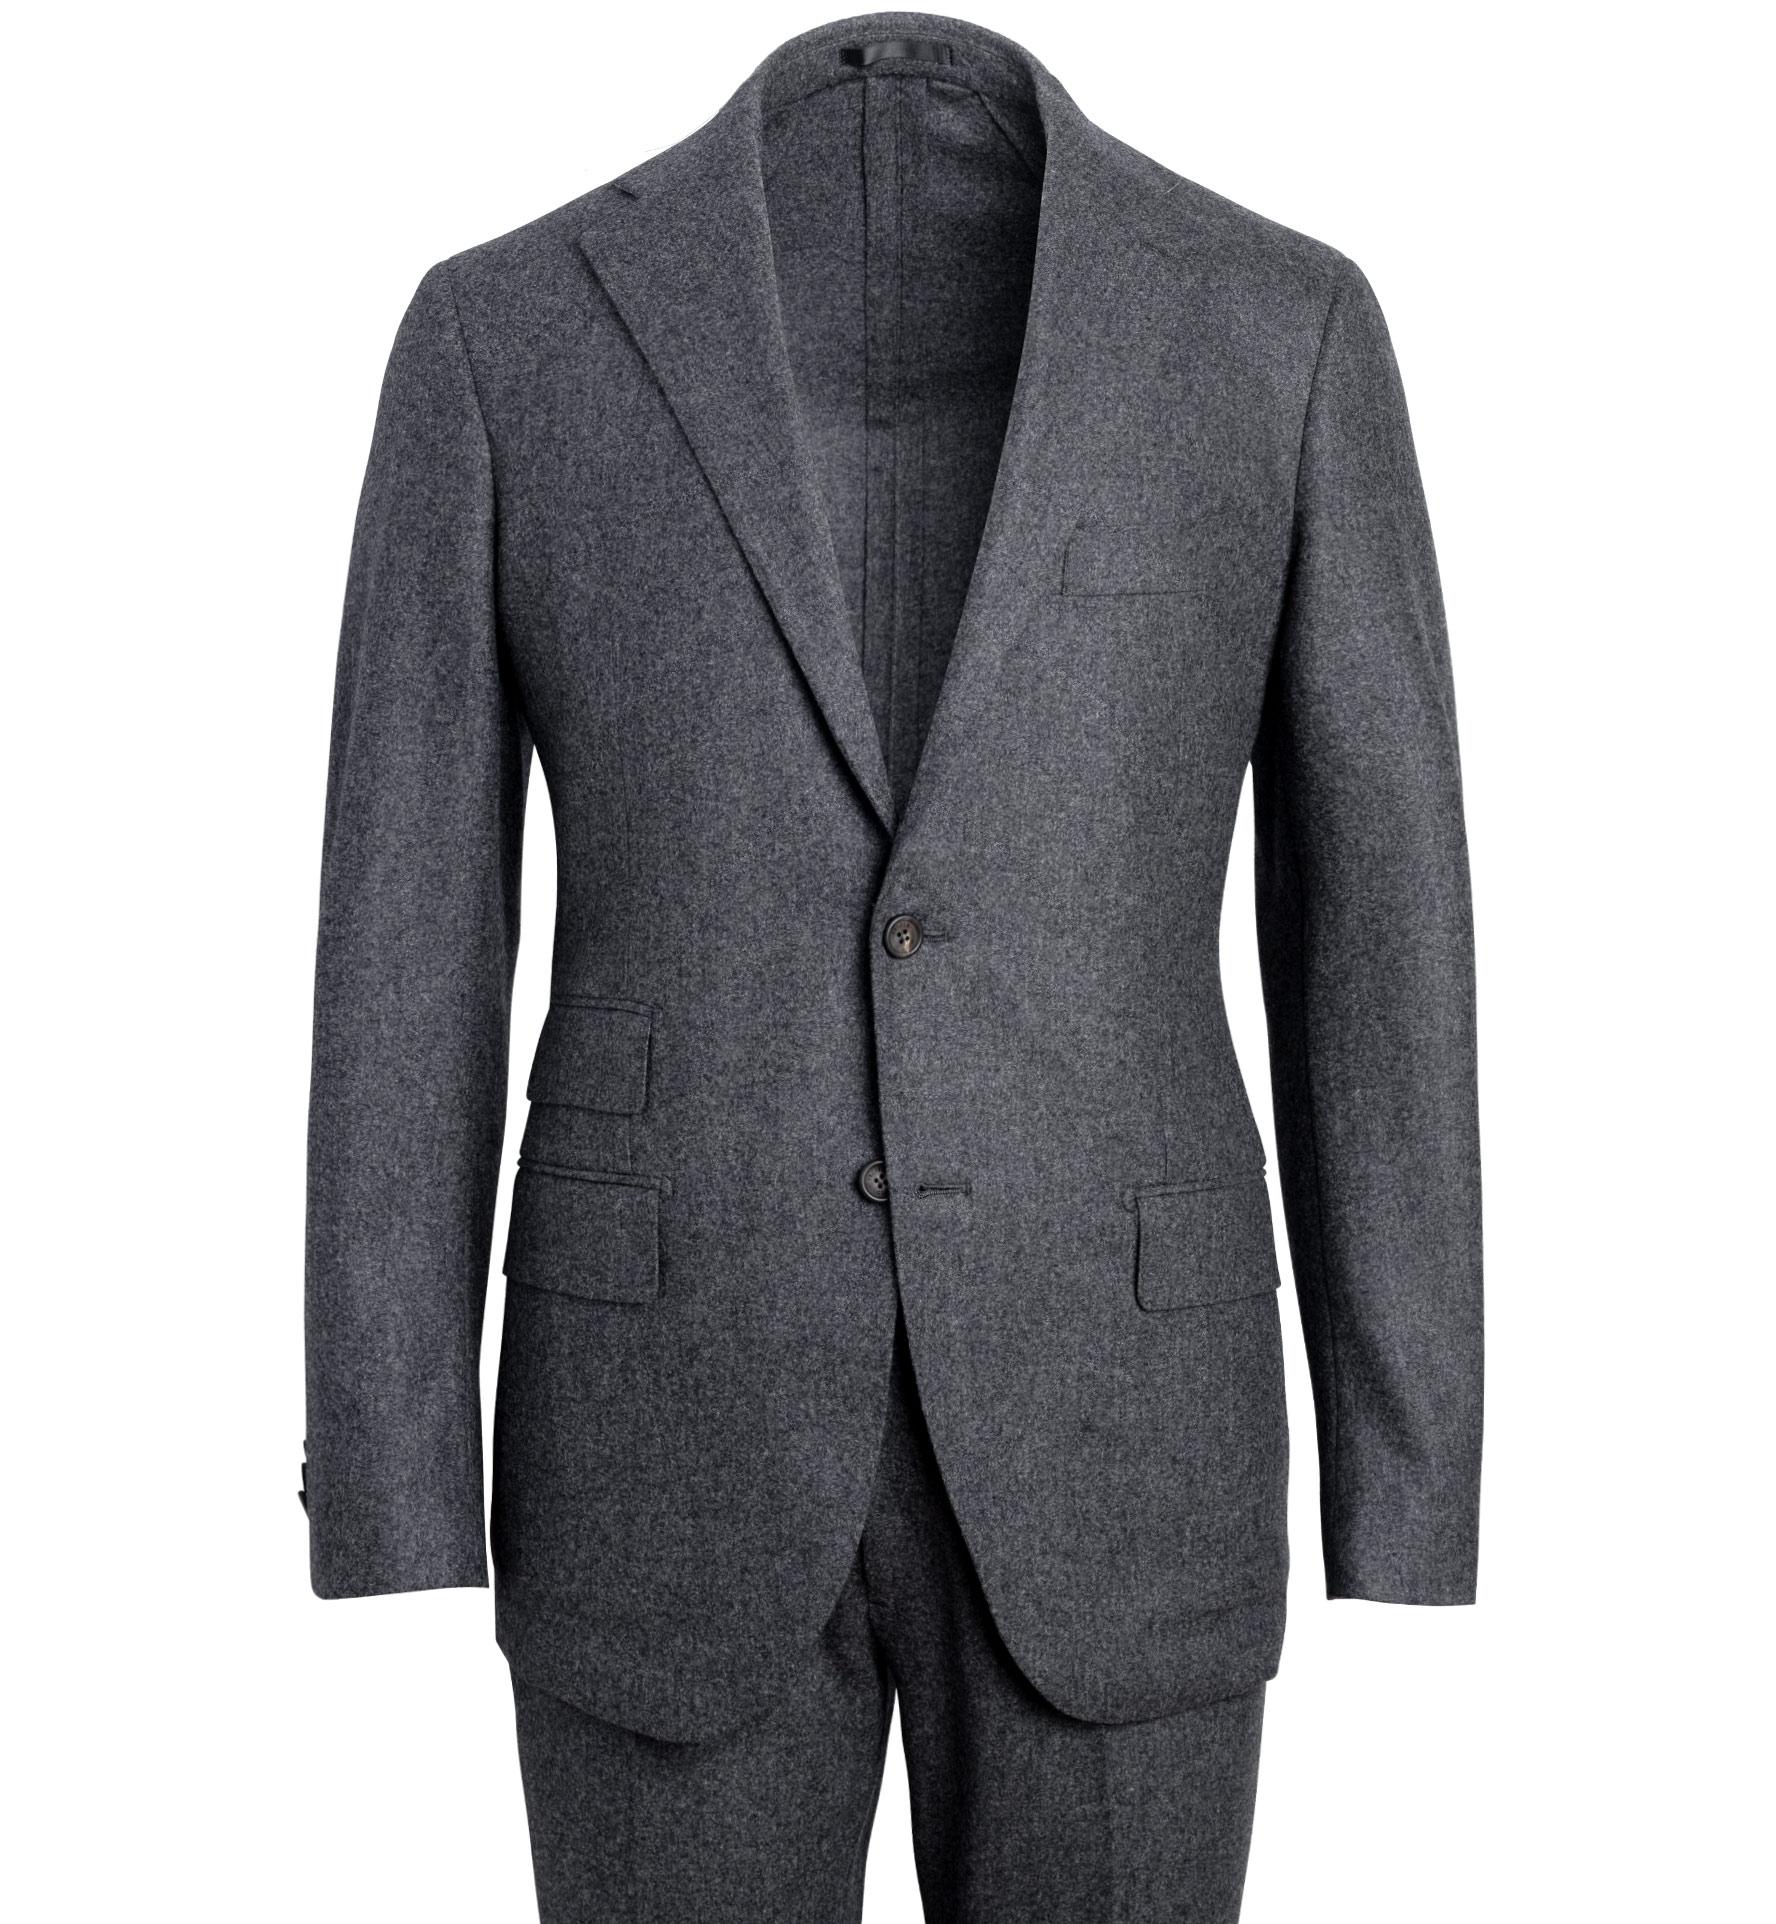 Zoom Image of Allen Grey Wool Flannel Suit